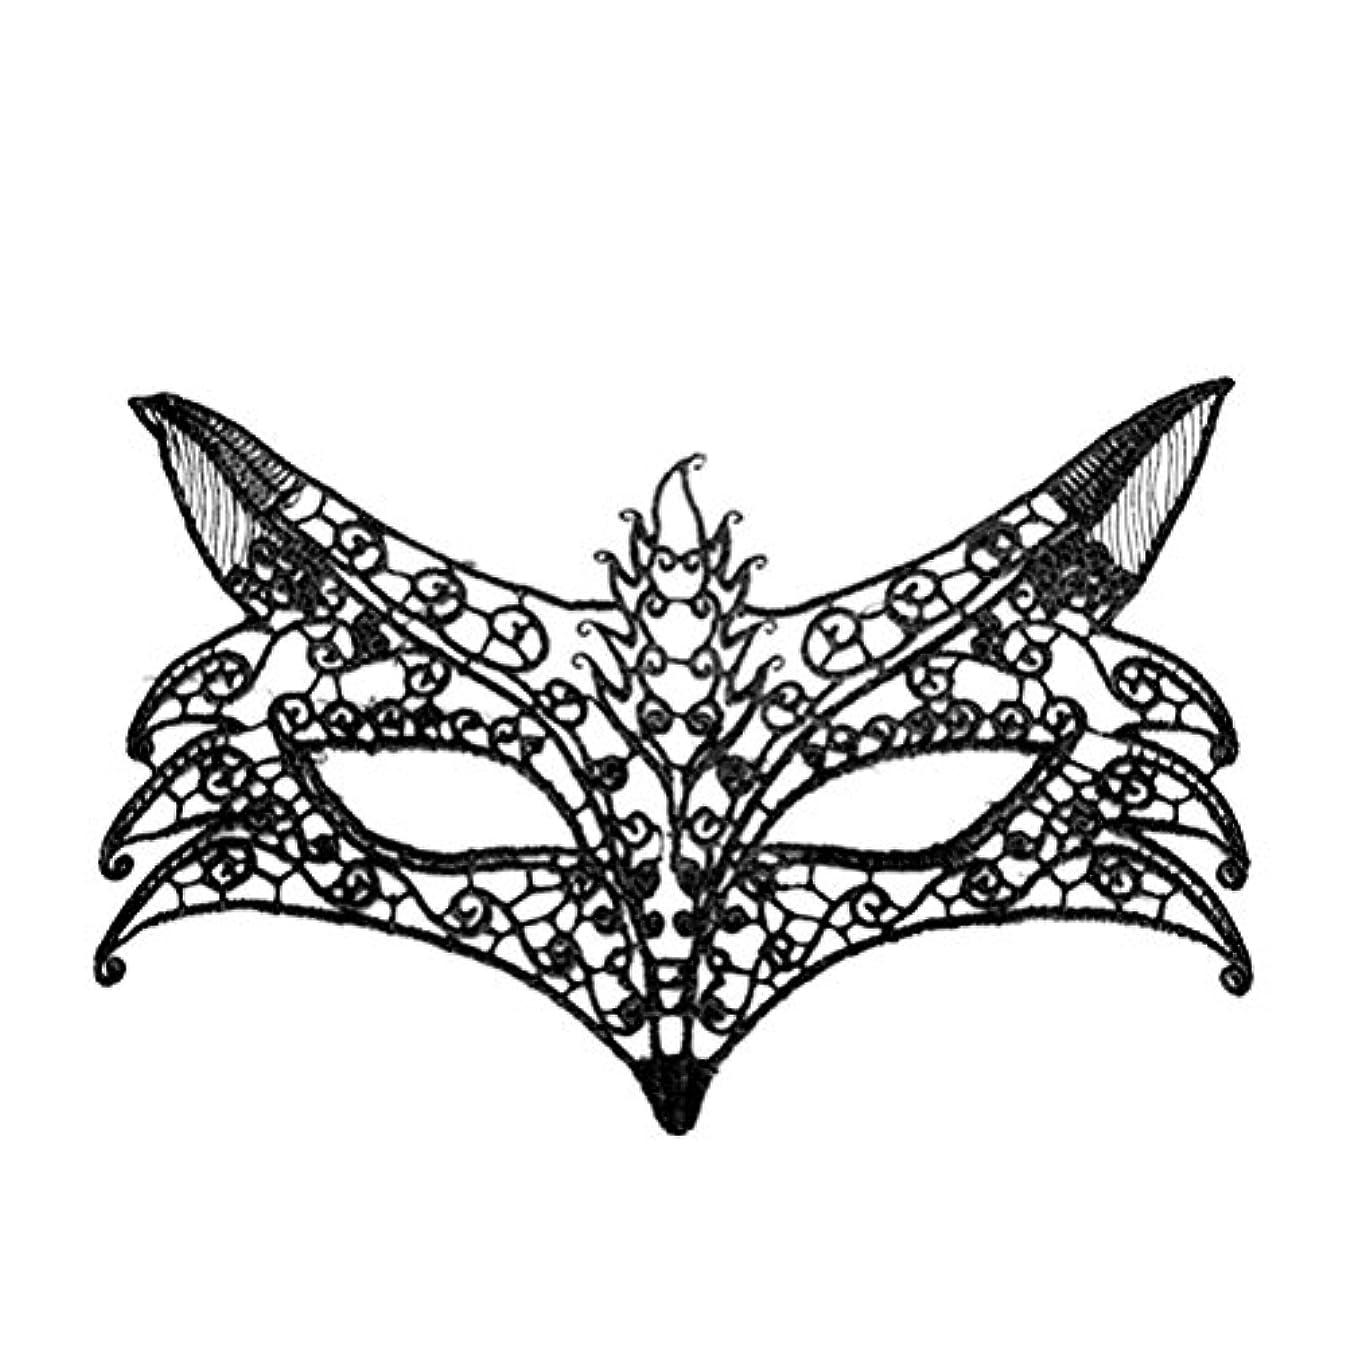 紳士気取りの、きざなドナウ川引き渡すAMOSFUN キツネの形をしたレースパーティーマスクイブニングパーティーウエディングマスカレードマスク(ブラック)